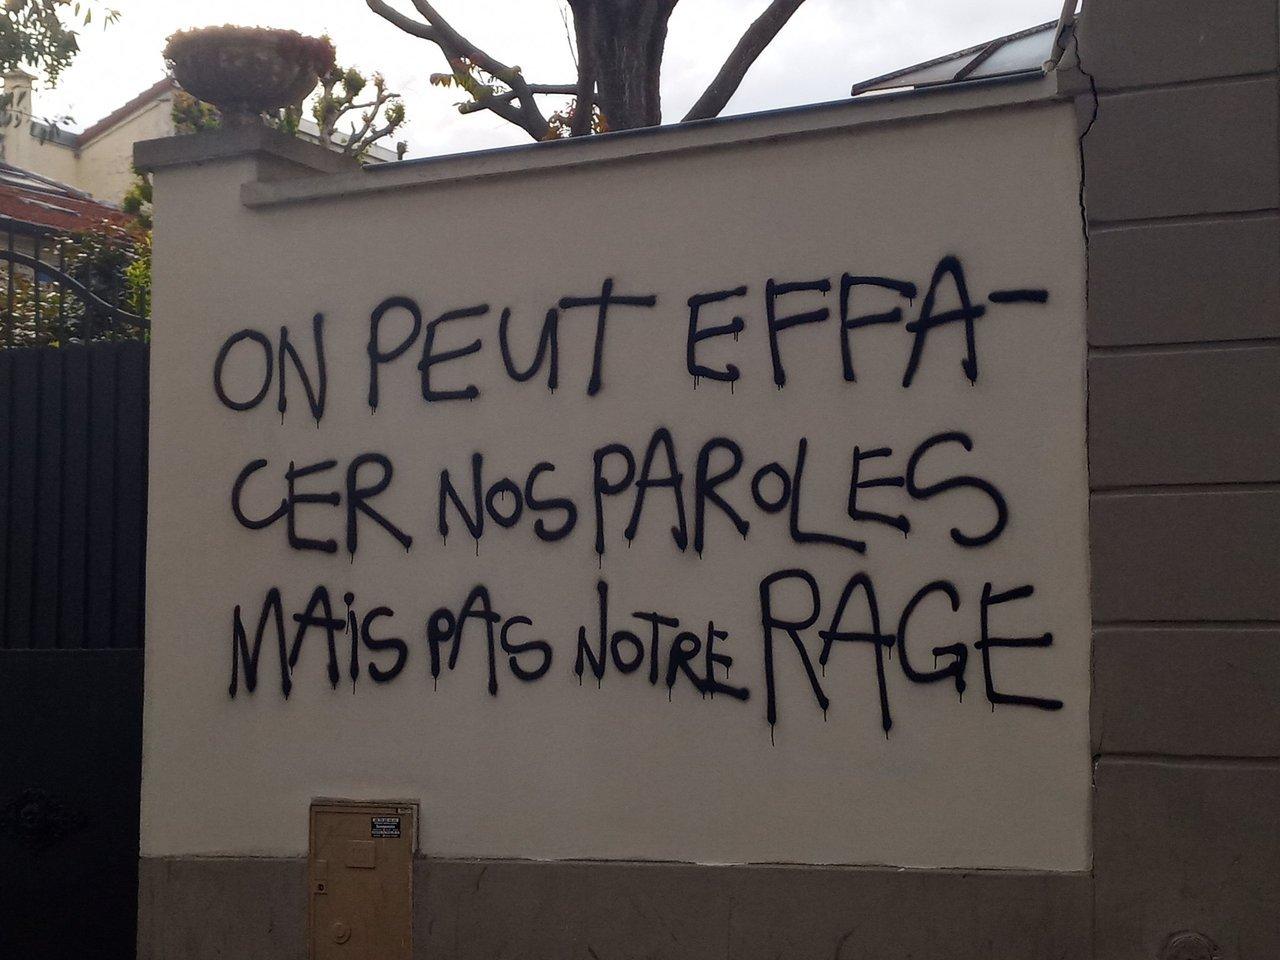 https://larueourien.tumblr.com/post/184710963486